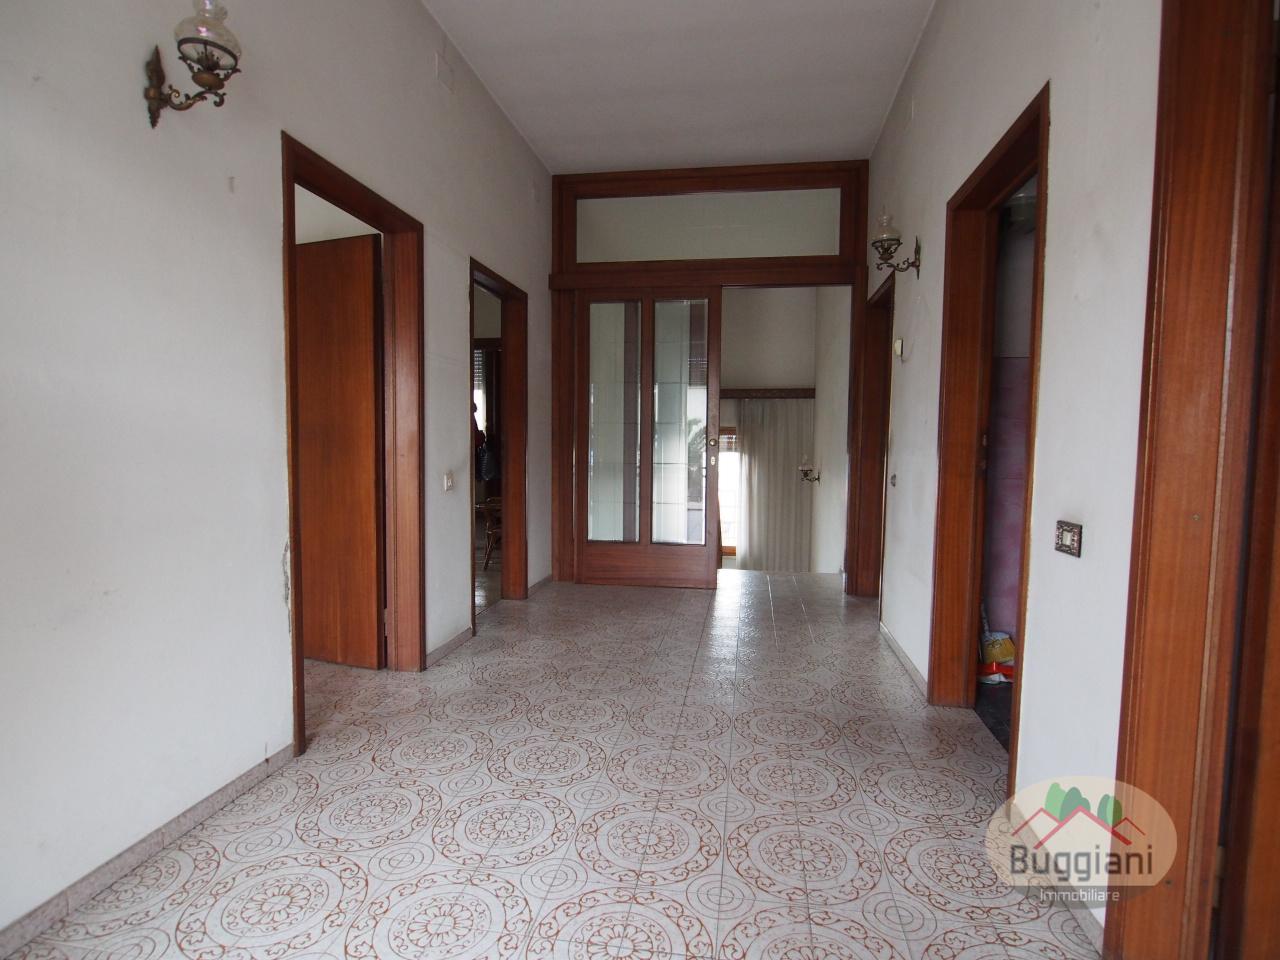 Appartamento in vendita RIF. 1684, San Miniato (PI)